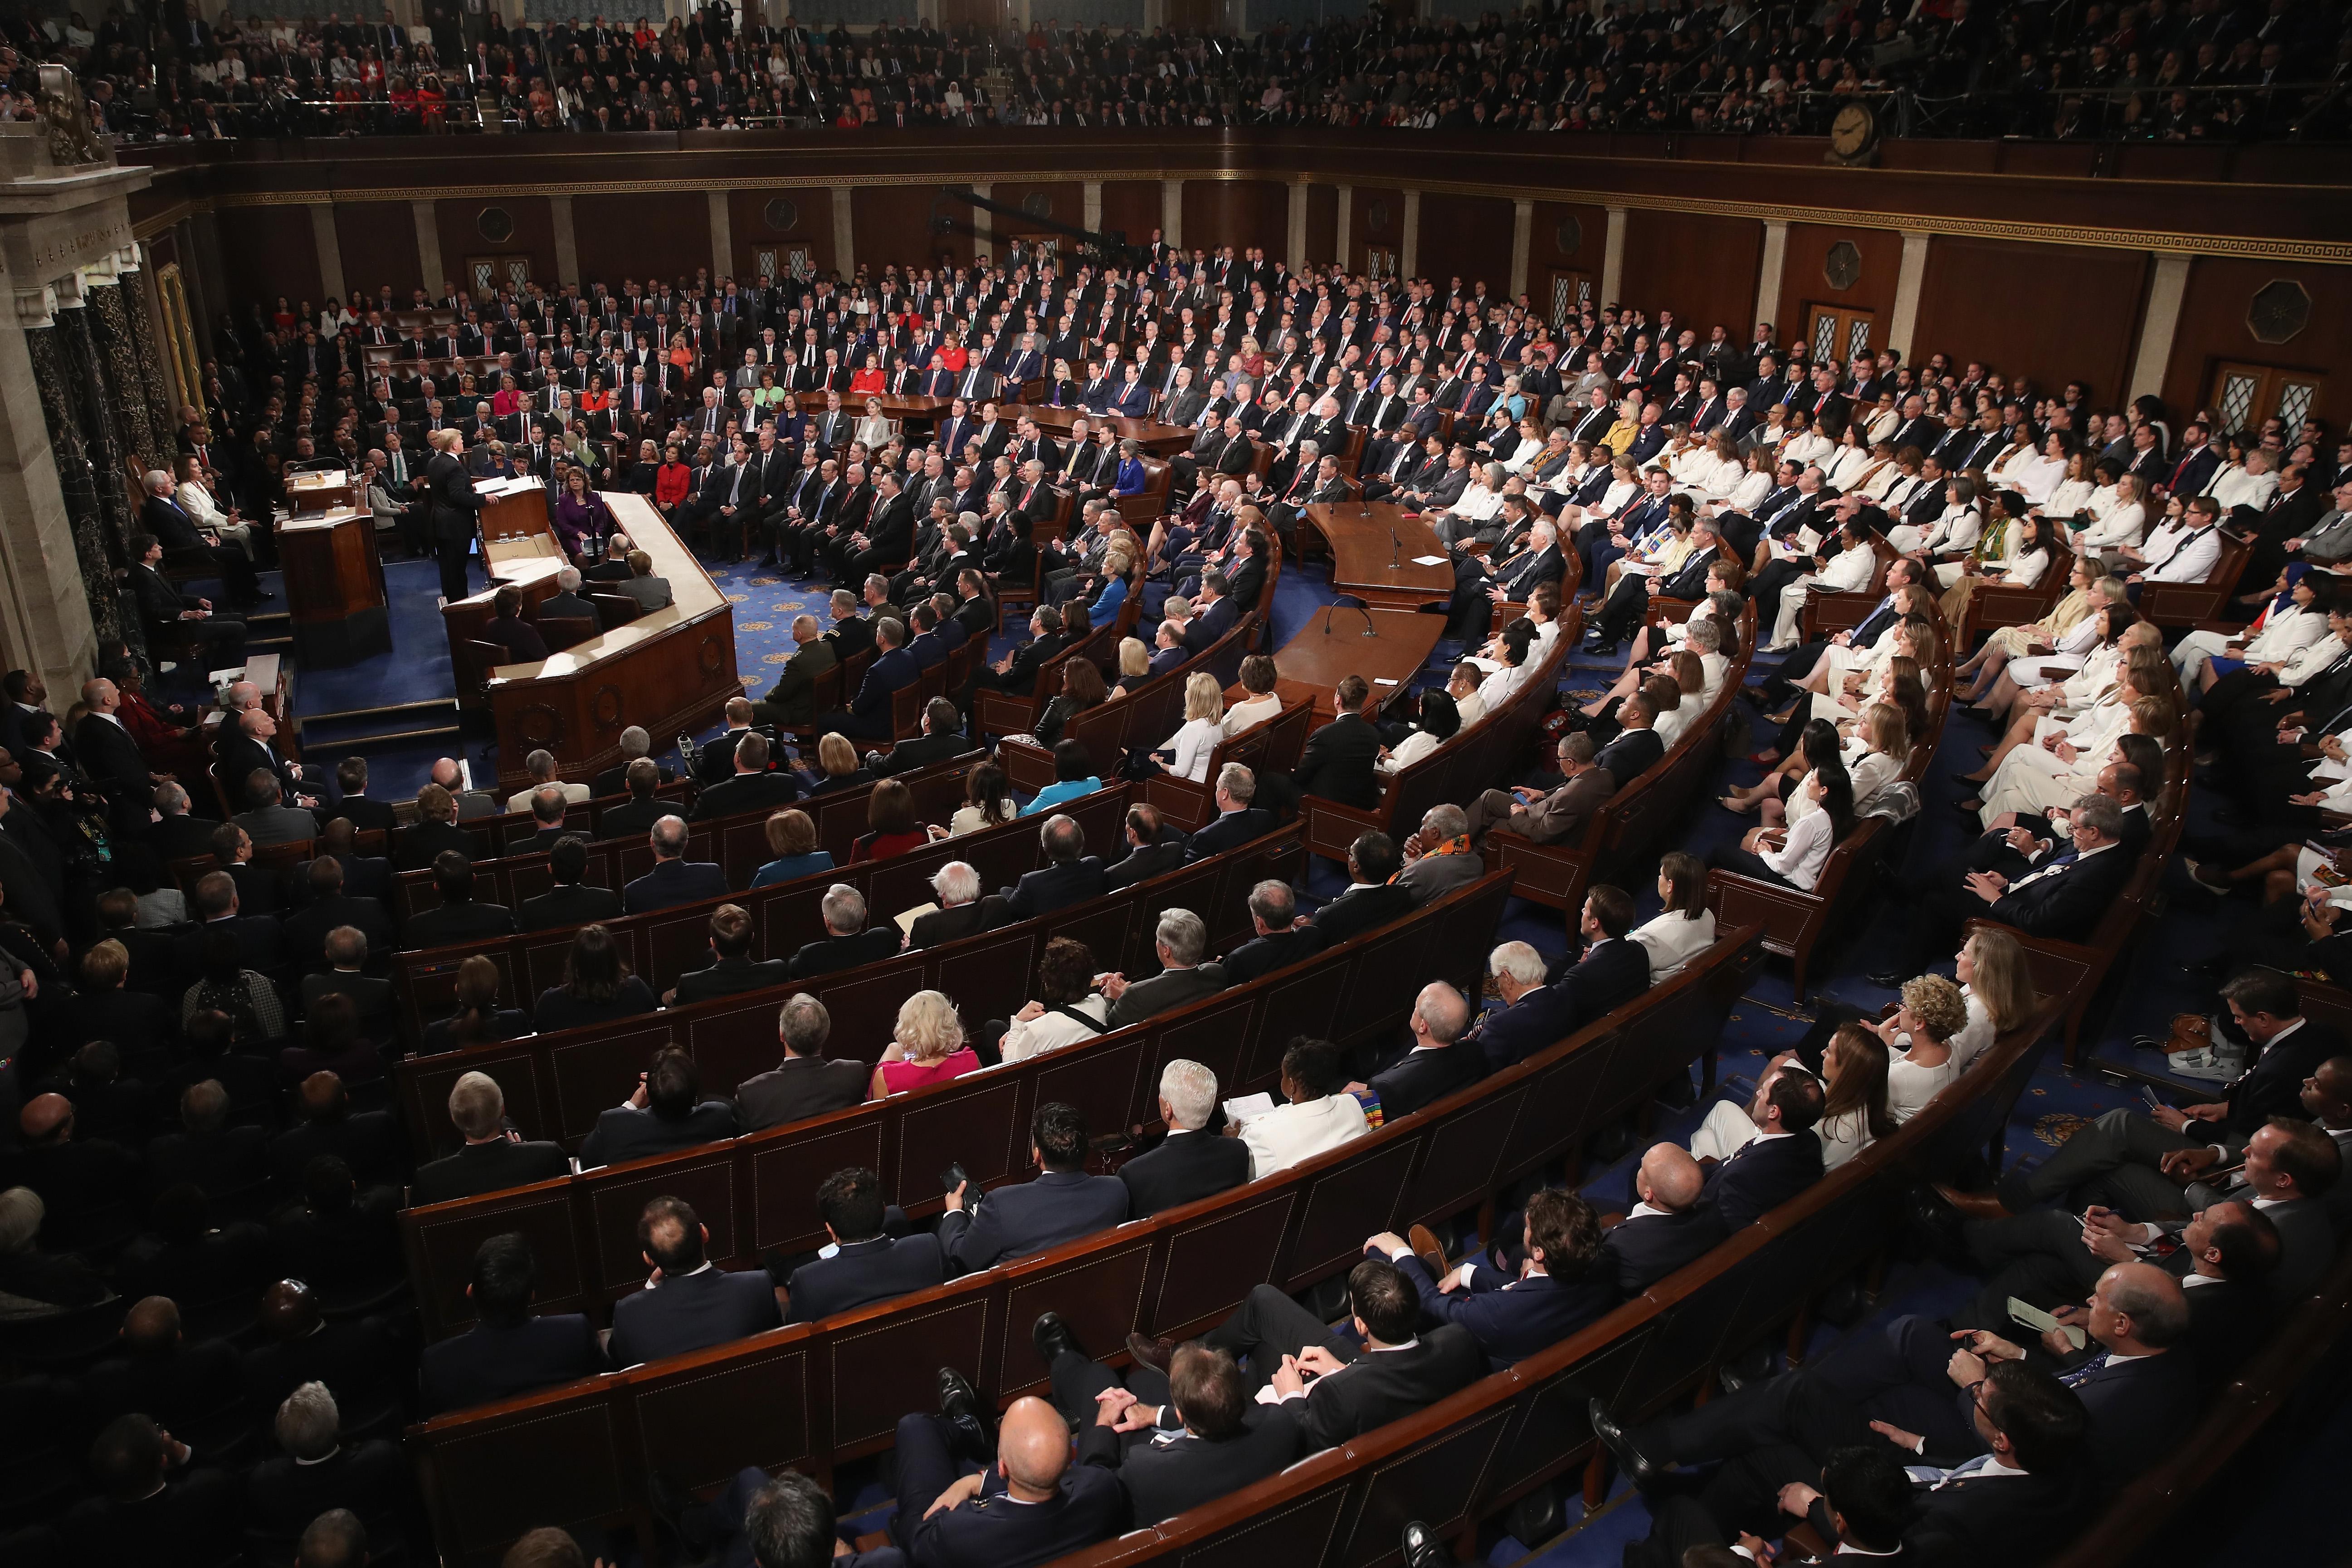 2月5日,特朗普發表國情咨文演說,現場情景。 (Win McNamee/Getty Images)